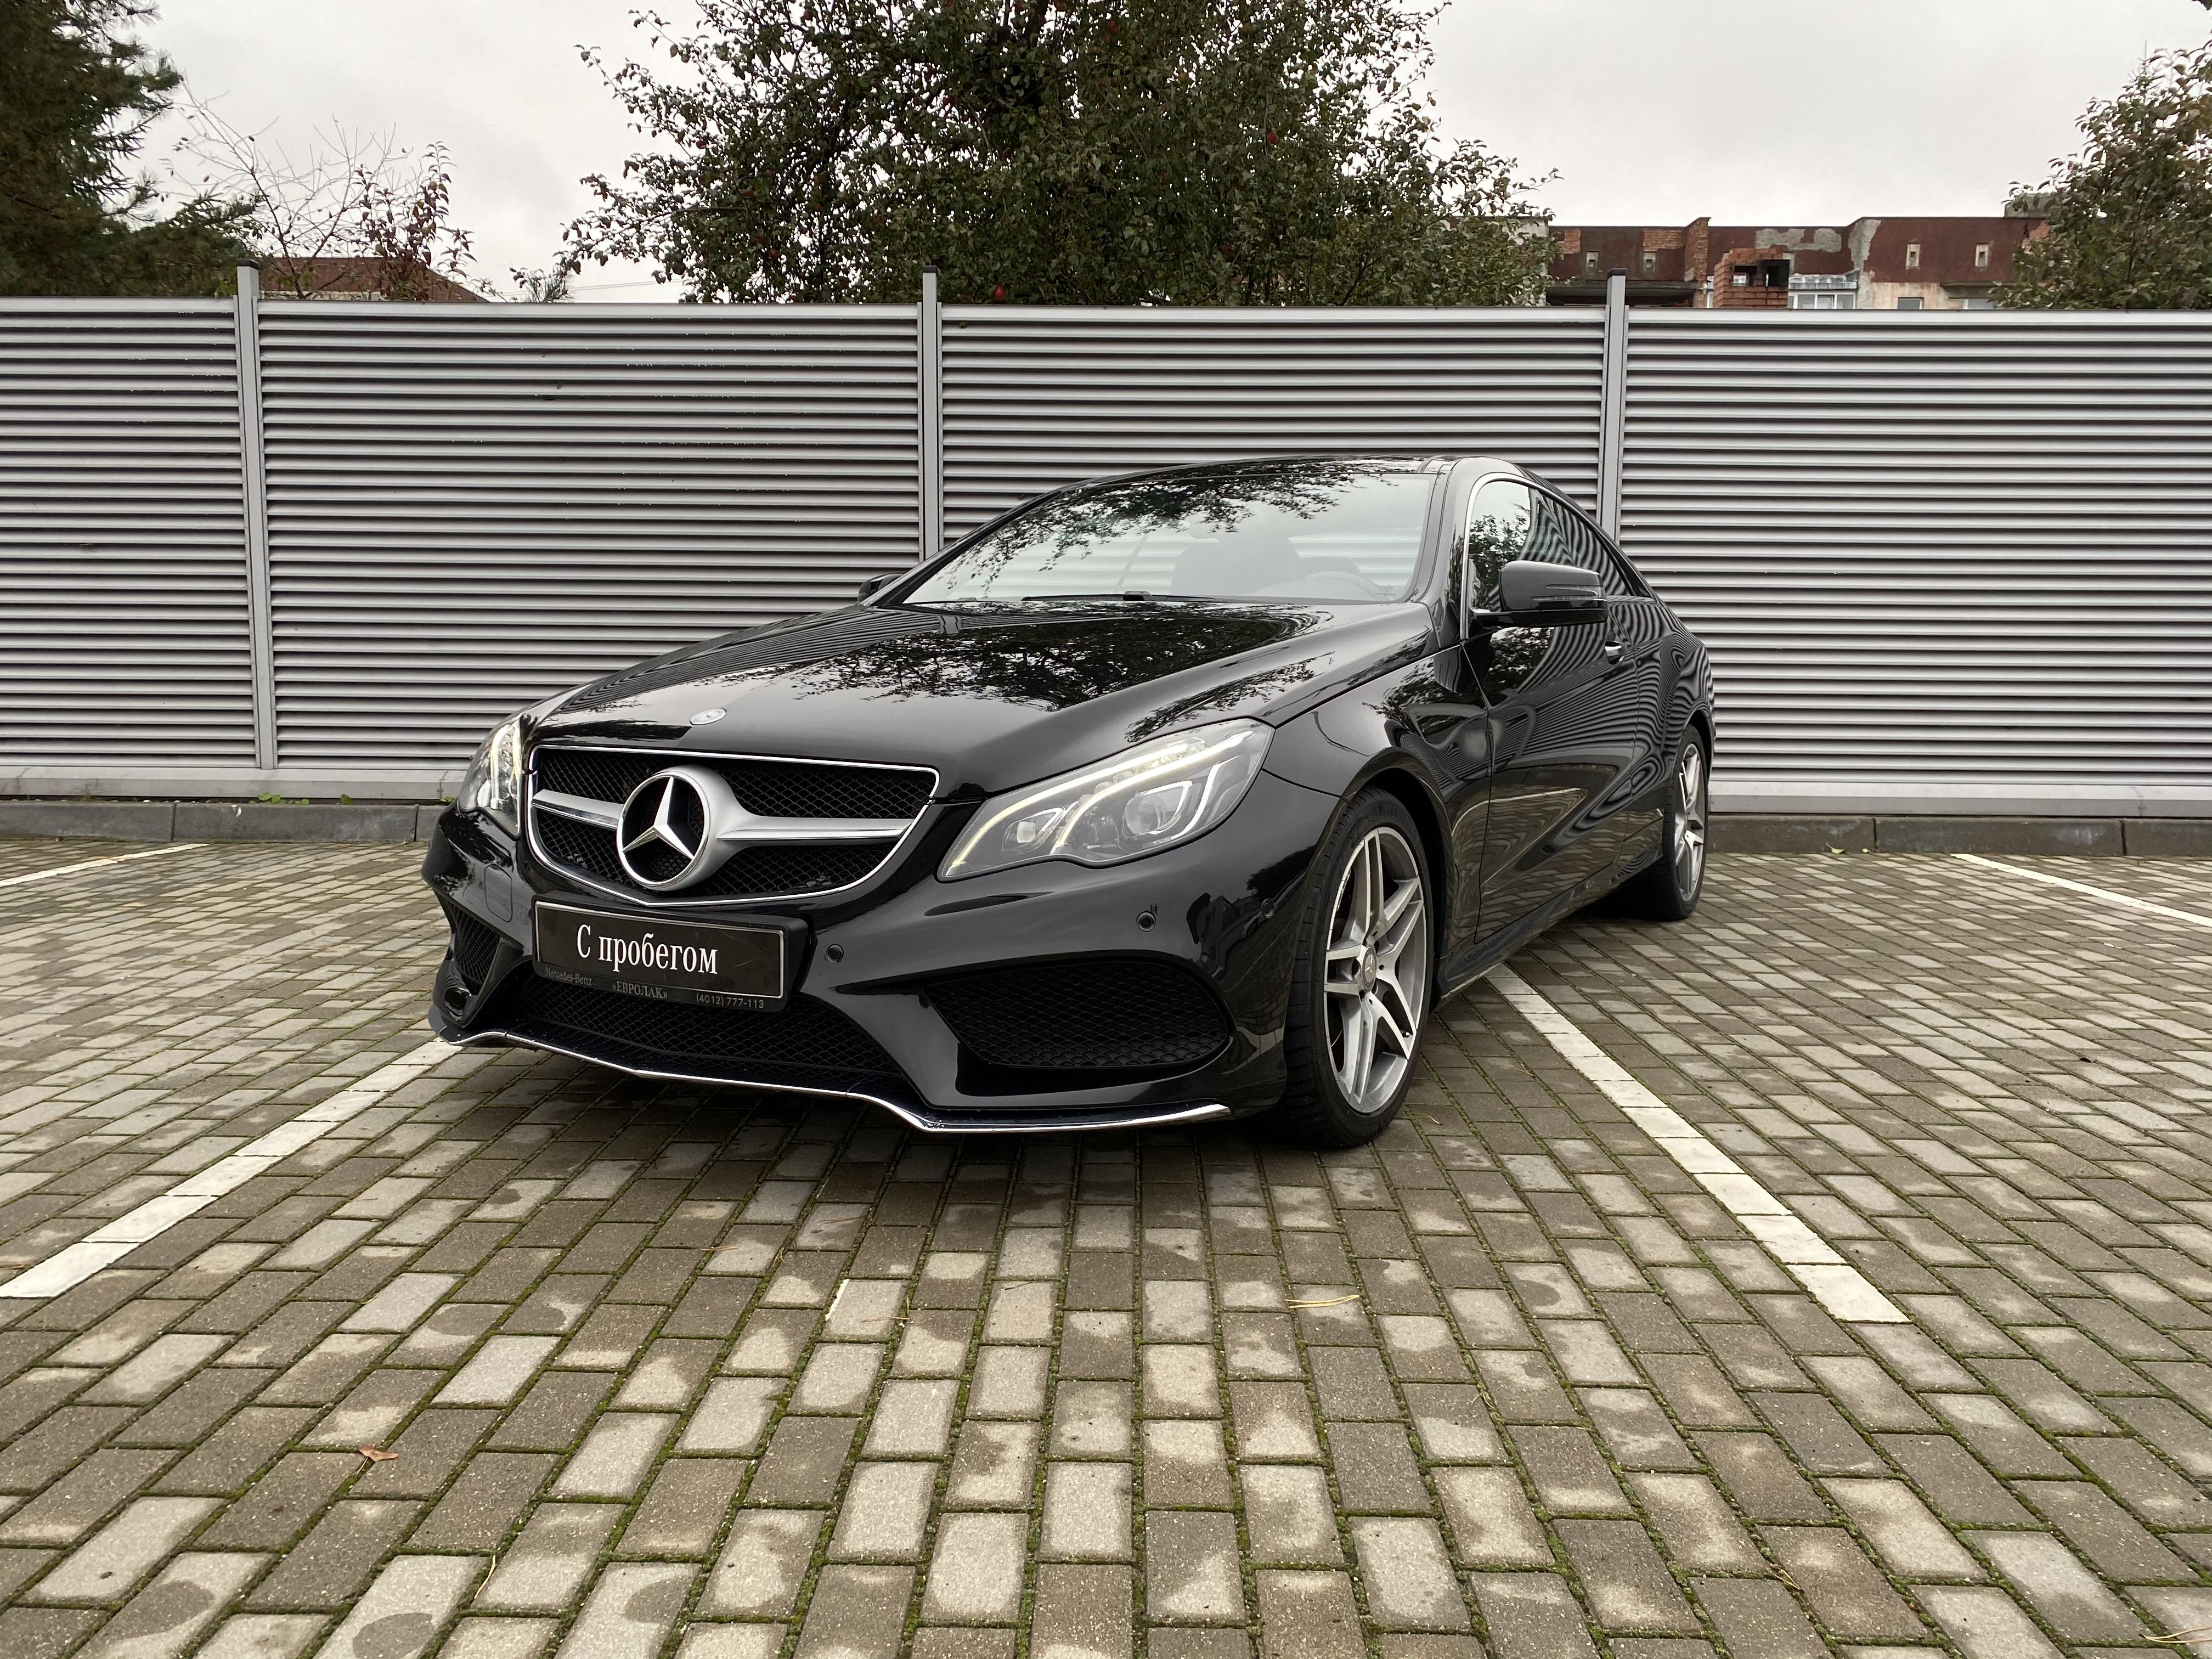 Mercedes-Benz E-Класс, IV (W212, S212, C207) Рестайлинг